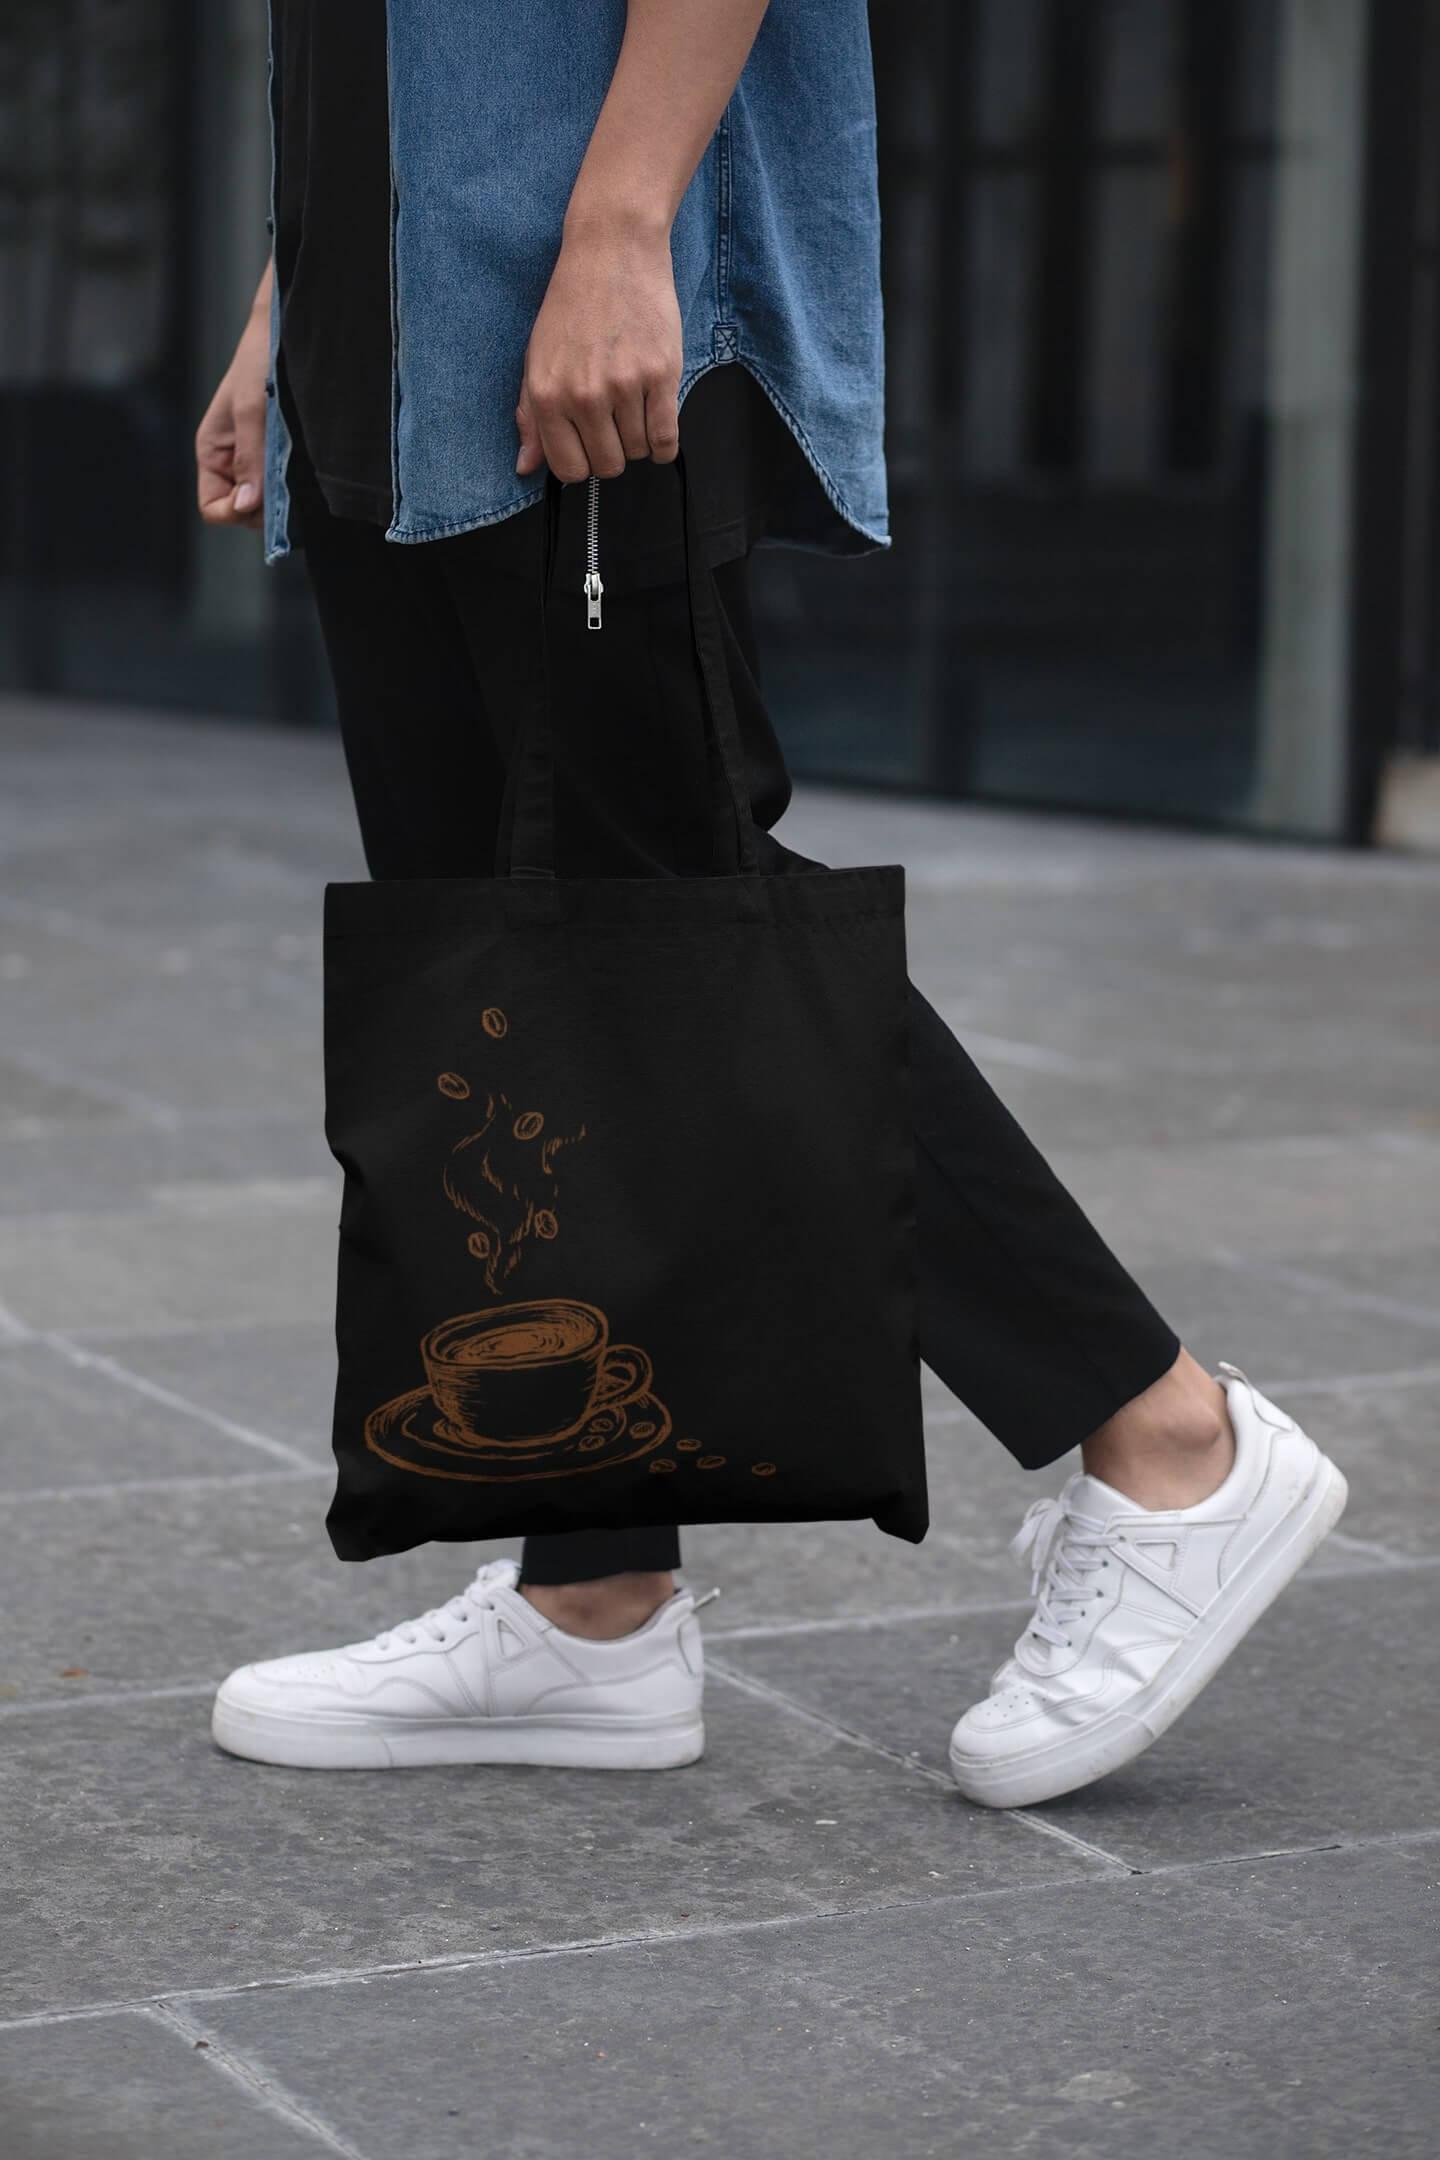 MMO Bavlnená taška Káva Farba tašky: Čierna